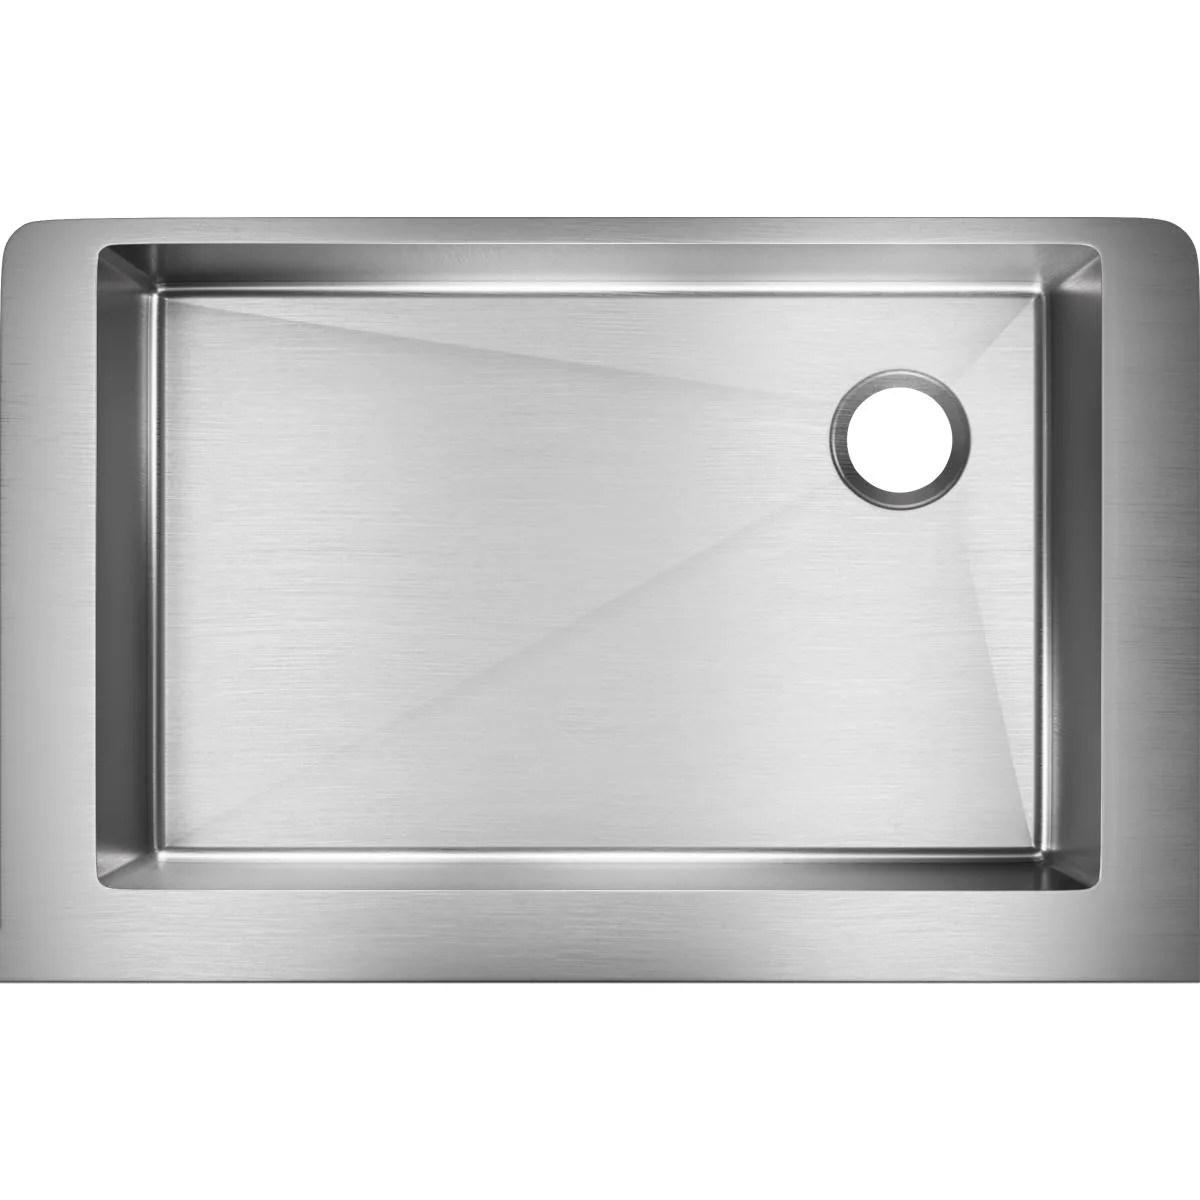 Elkay Kitchen Faucet Warranty Wow Blog